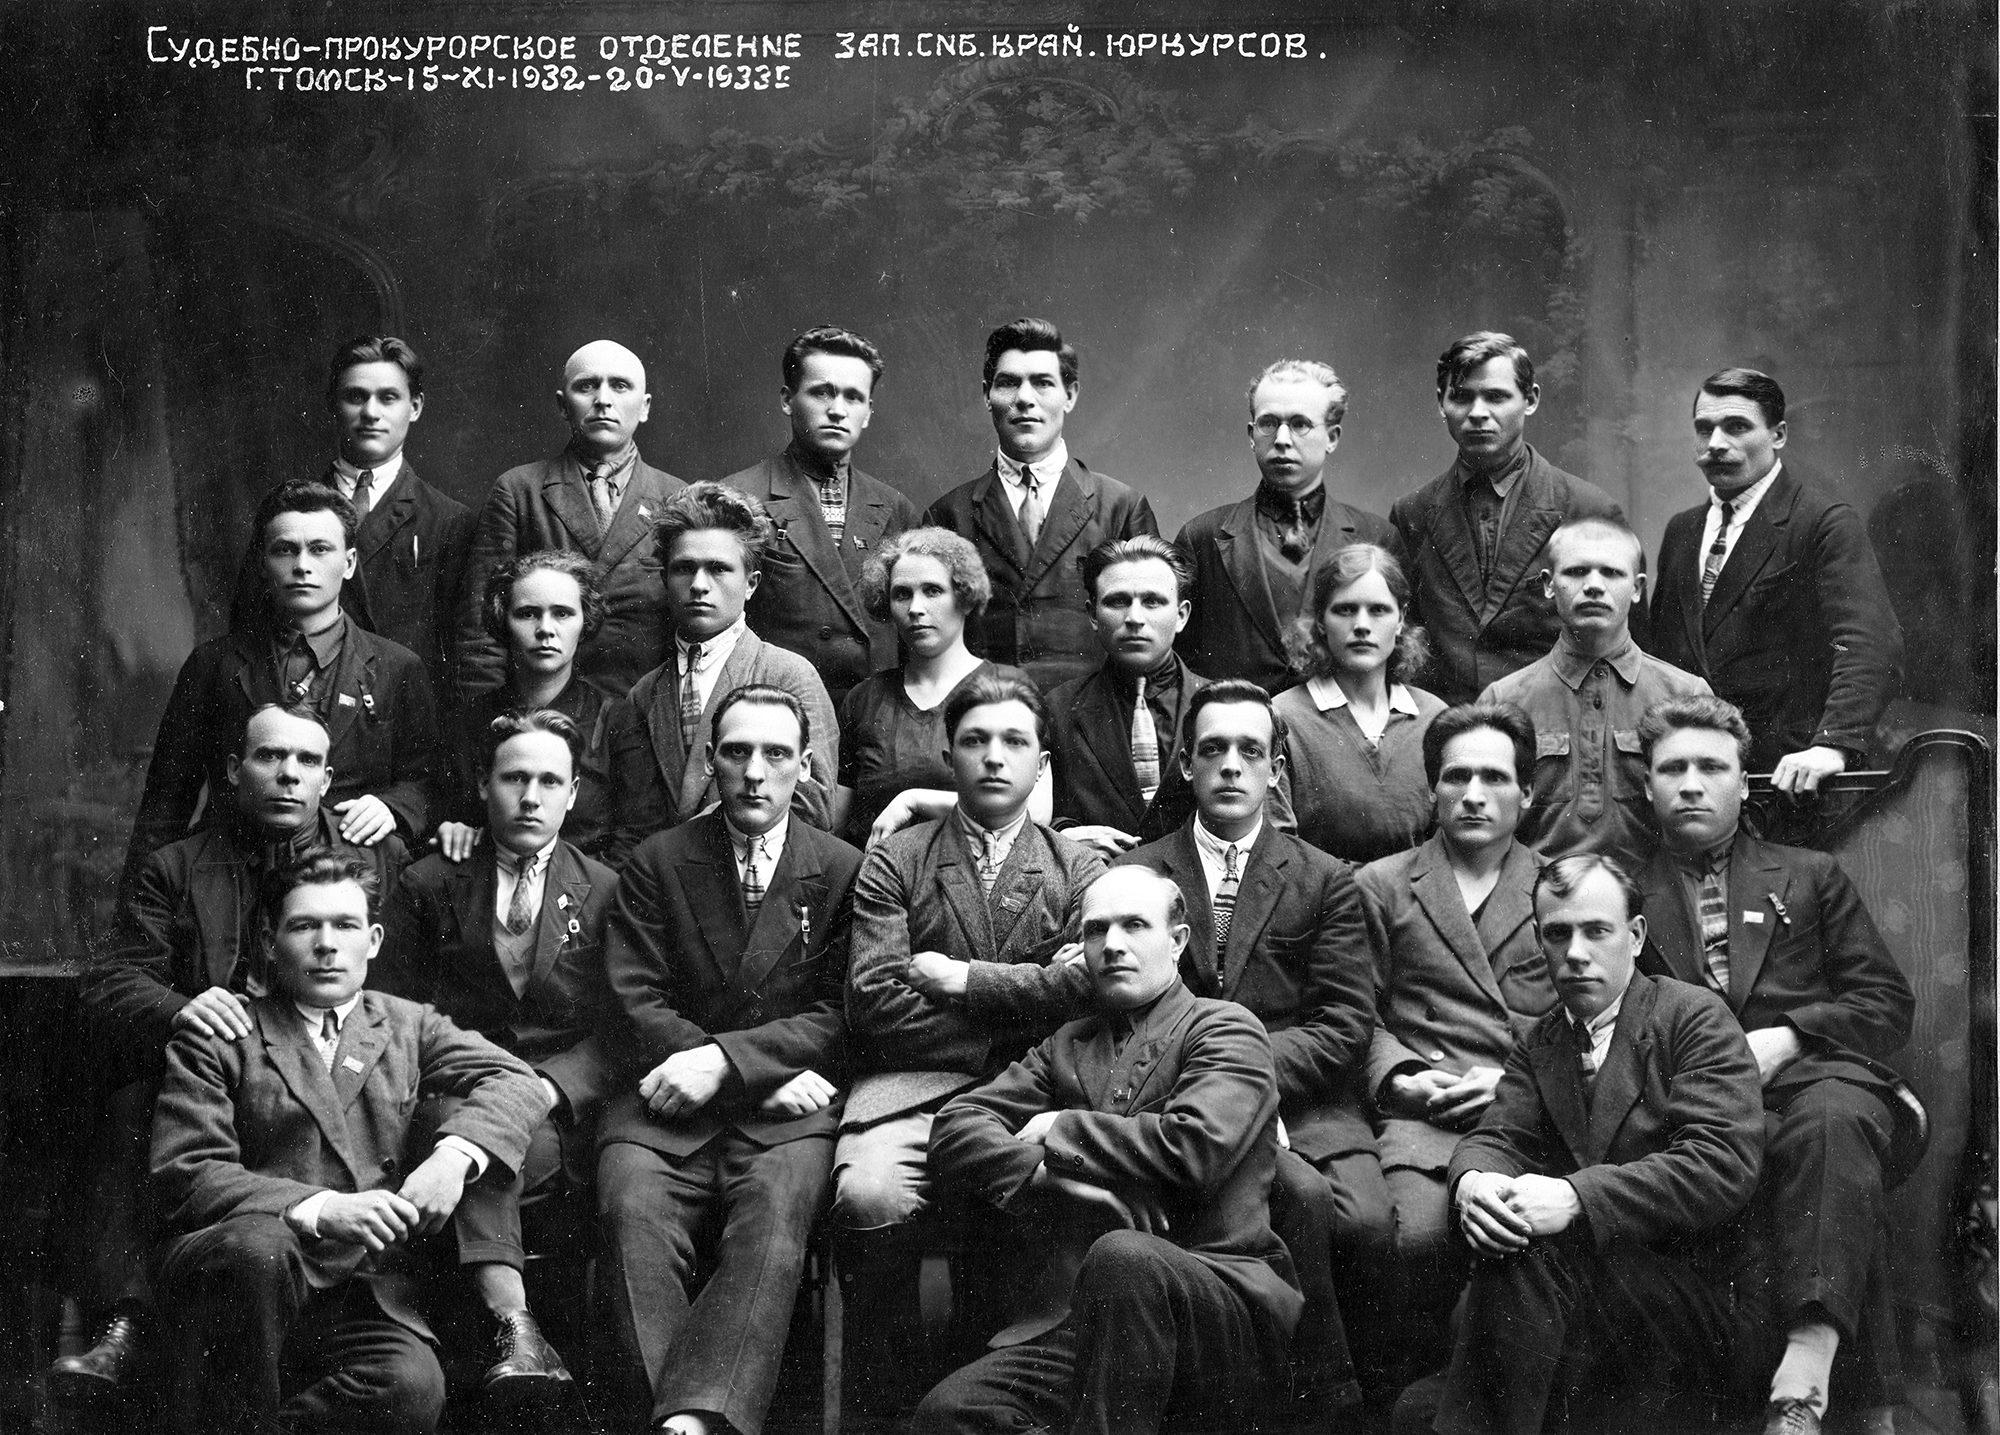 1933. Судебно-прокурорское отделение Западно-Сибирского края юридических курсов